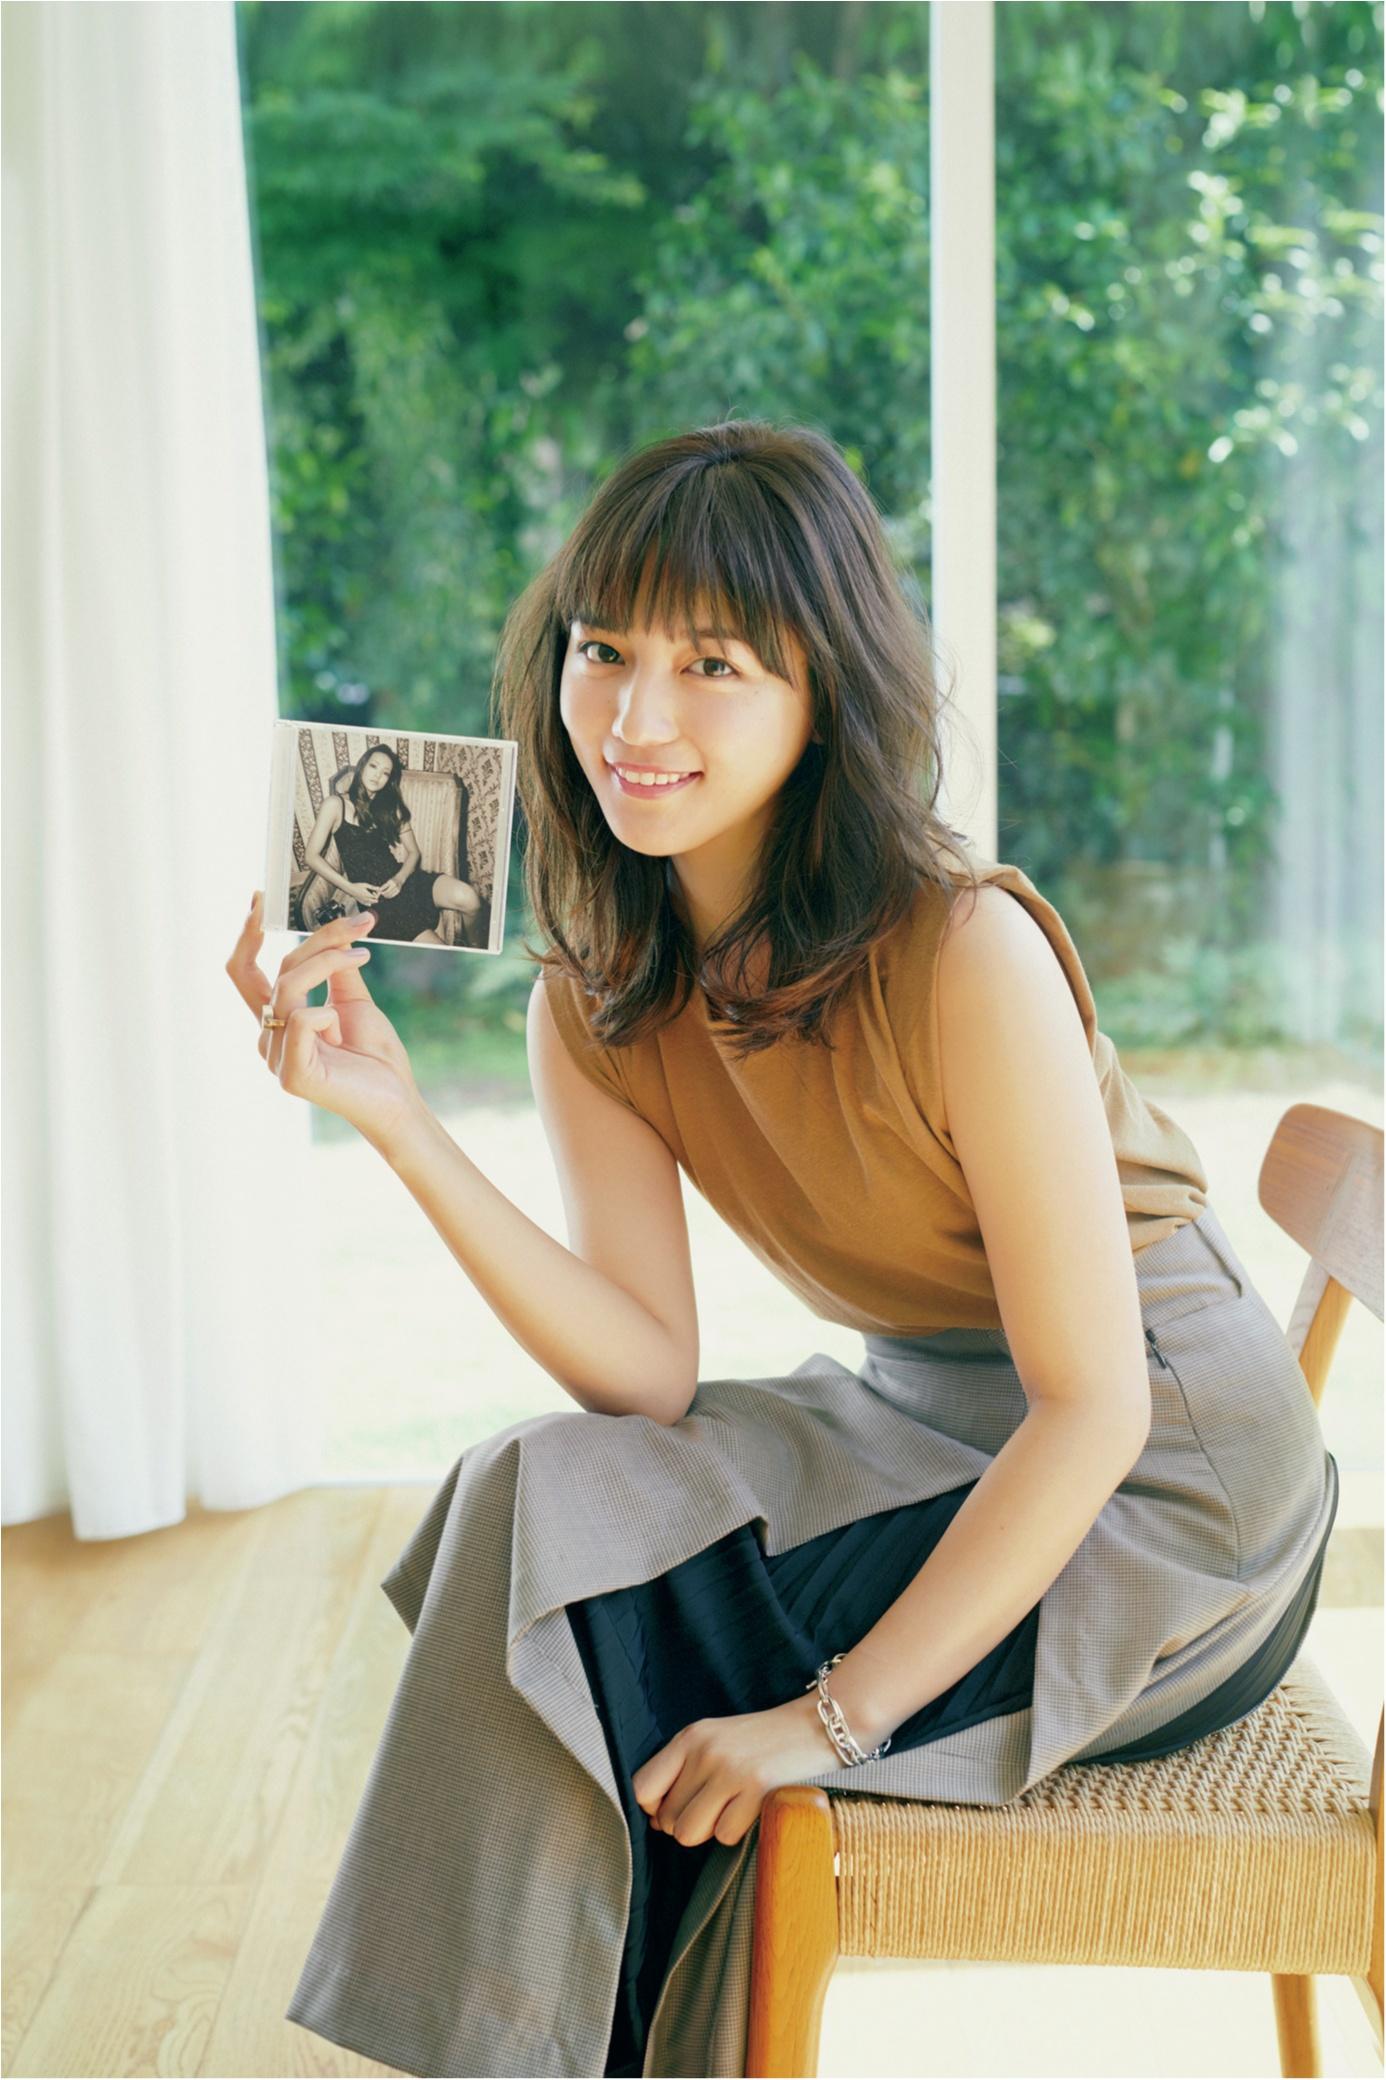 川口春奈さんの【私と安室奈美恵~この一曲、この瞬間~】「私にとって偉人のような方です」_1